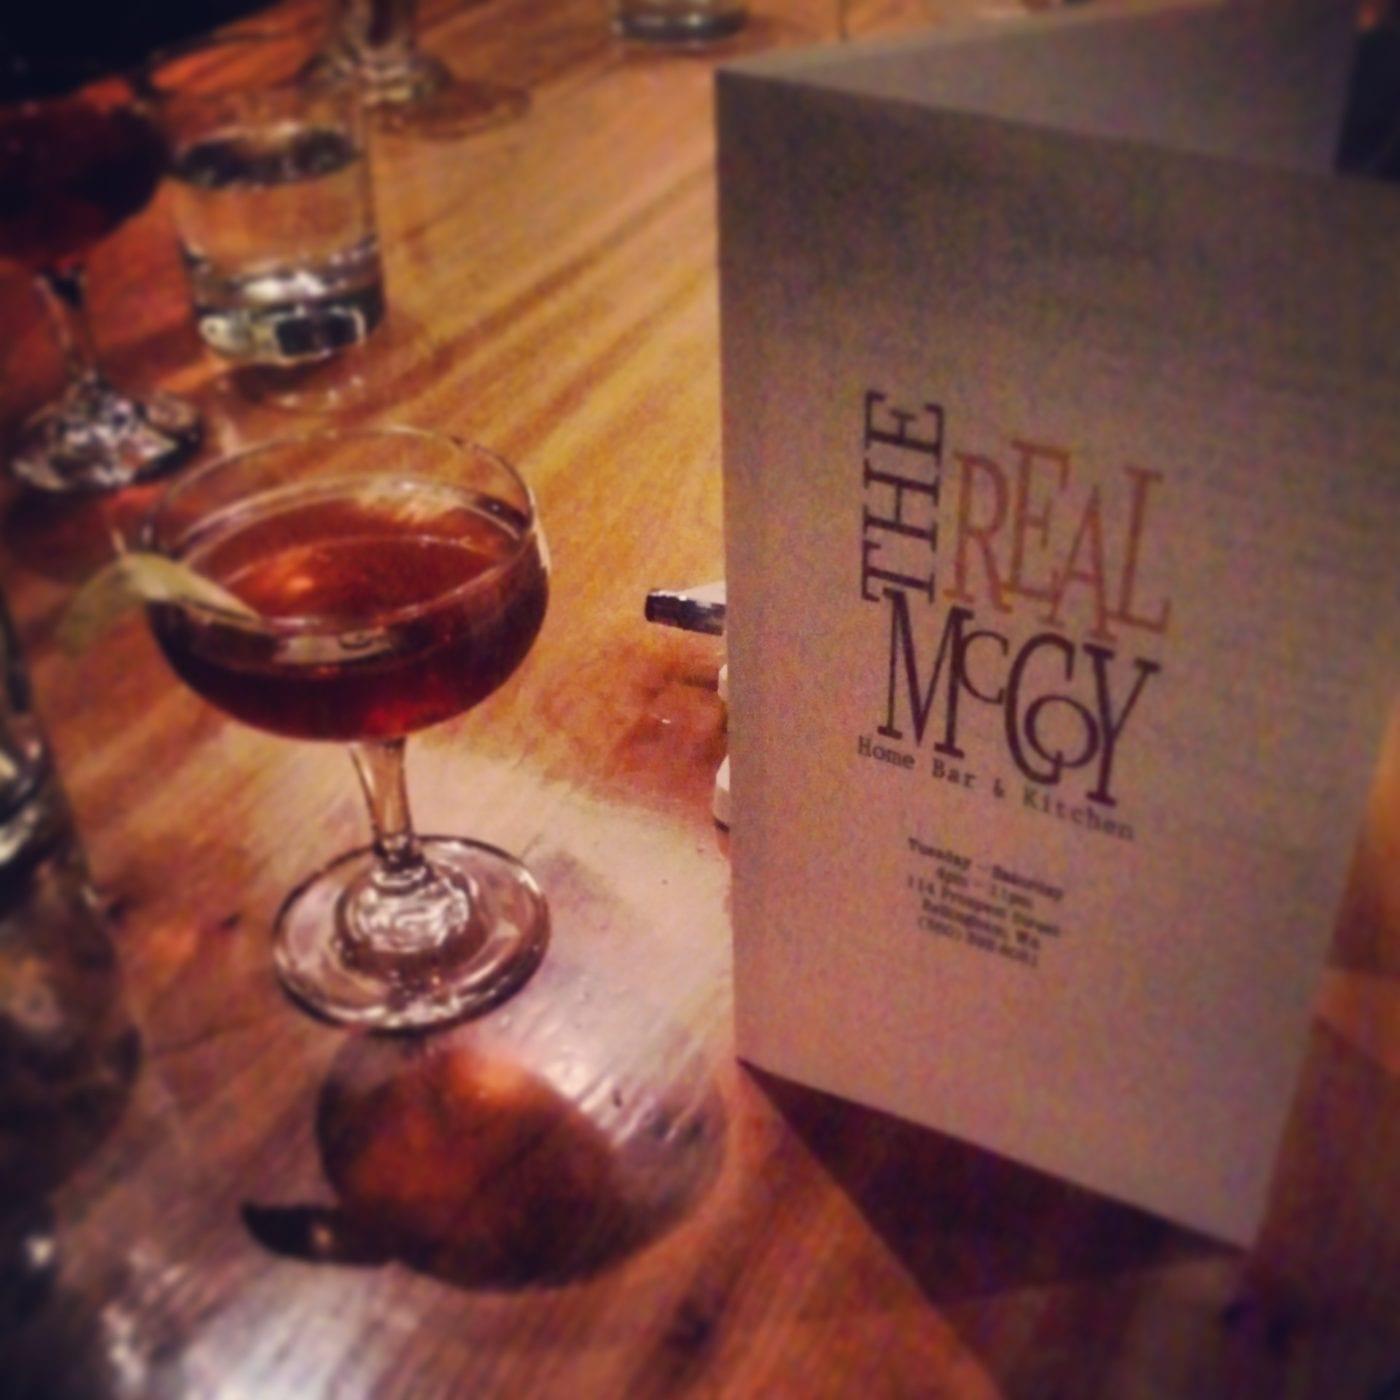 cocktails, bellingham, The Real McCoy